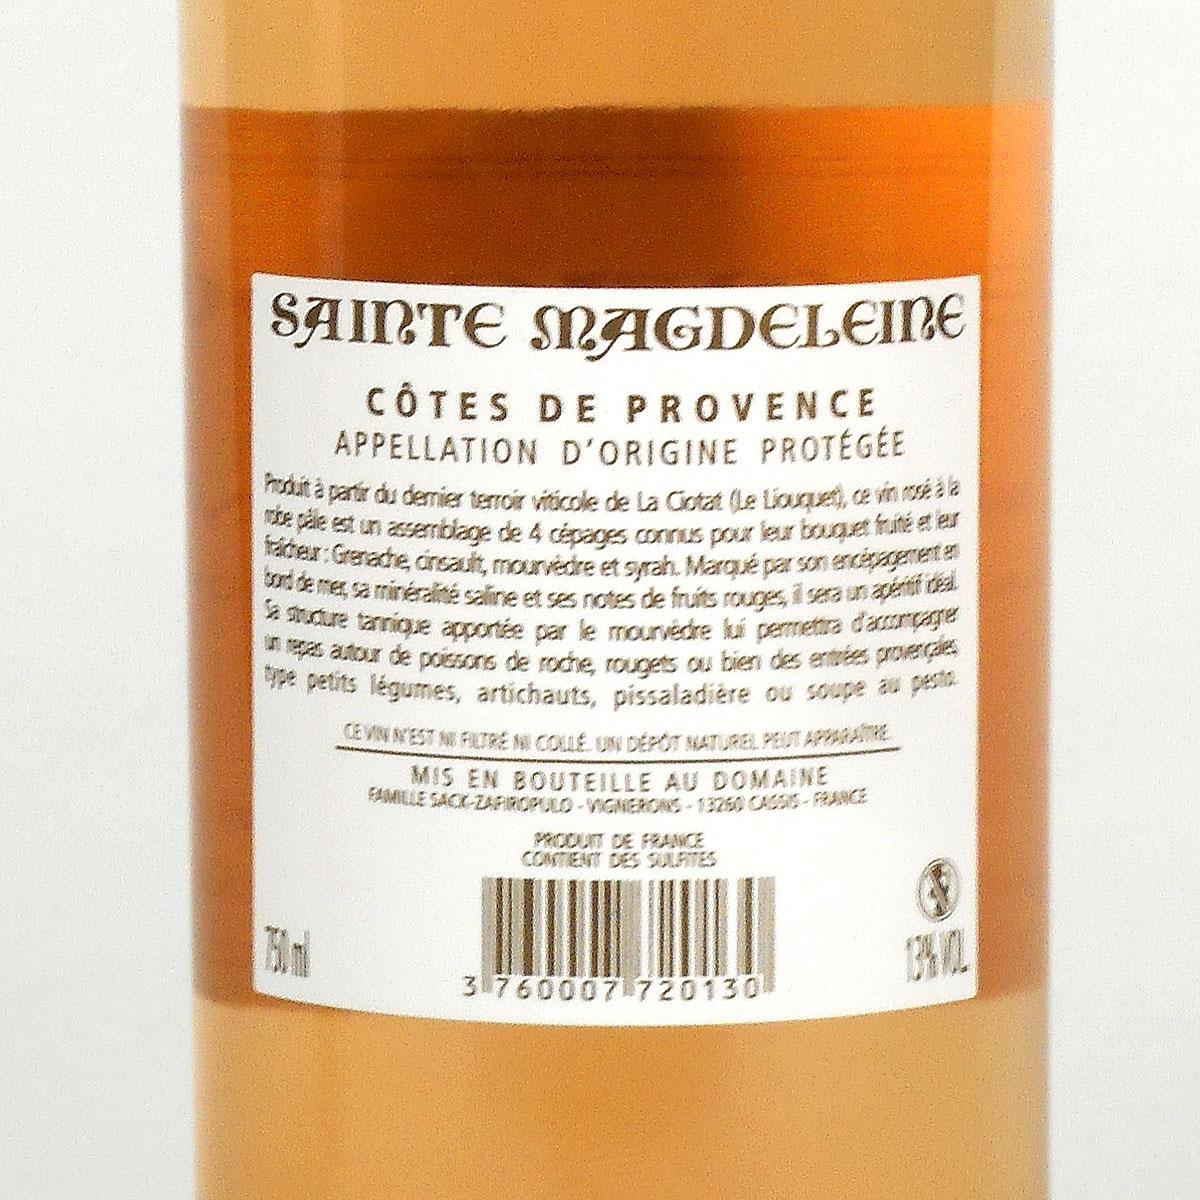 Côtes de Provence: Clos Sainte Magdeleine Rosé 2018 - Bottle Rear Label